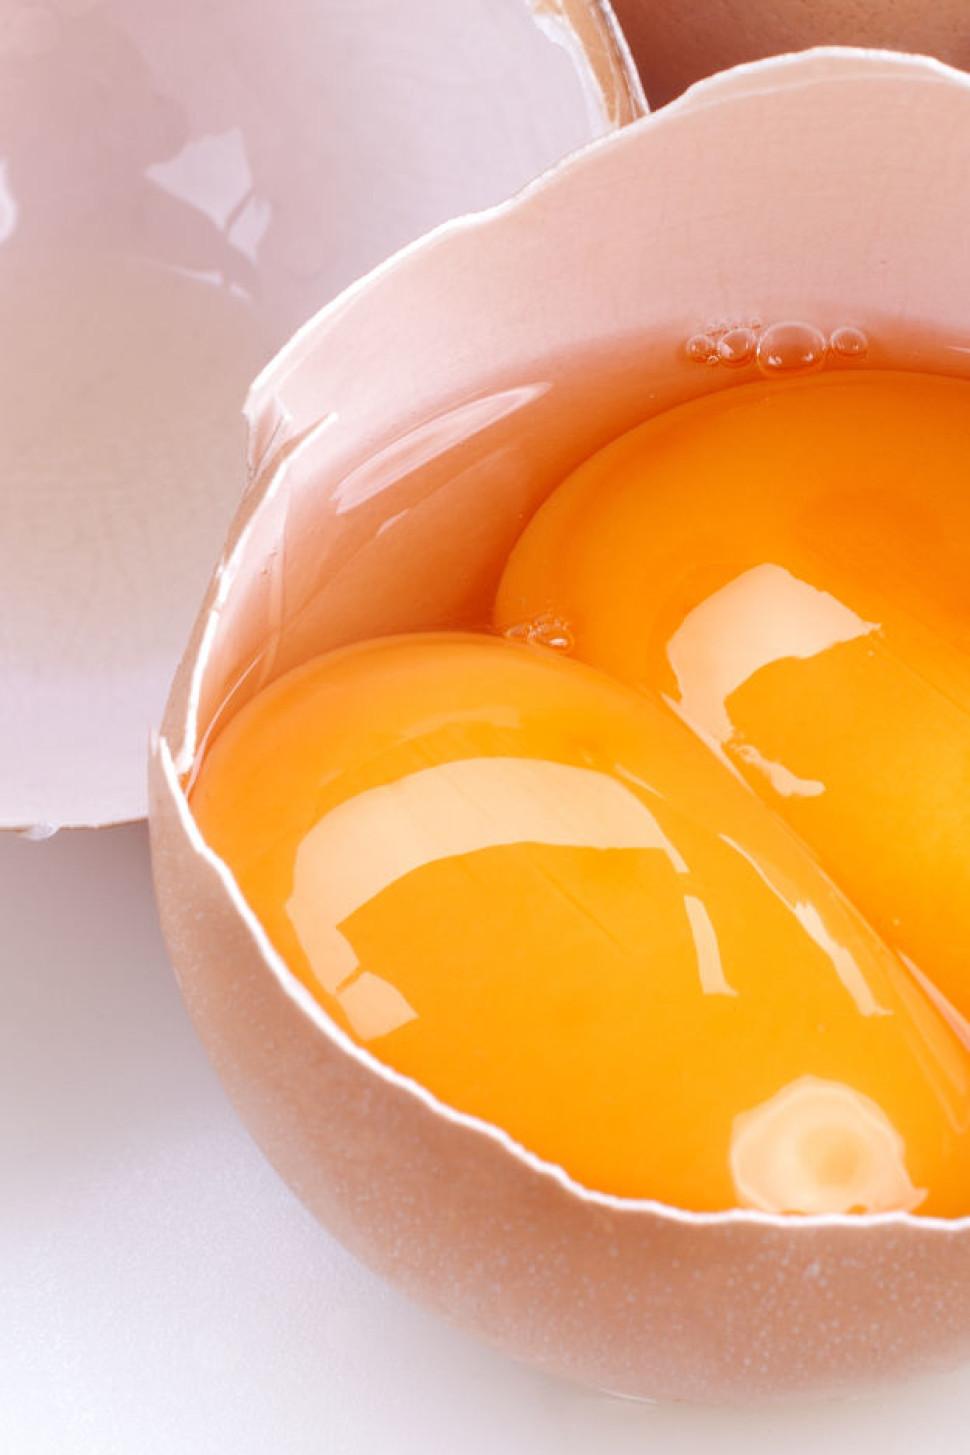 eggeplomme